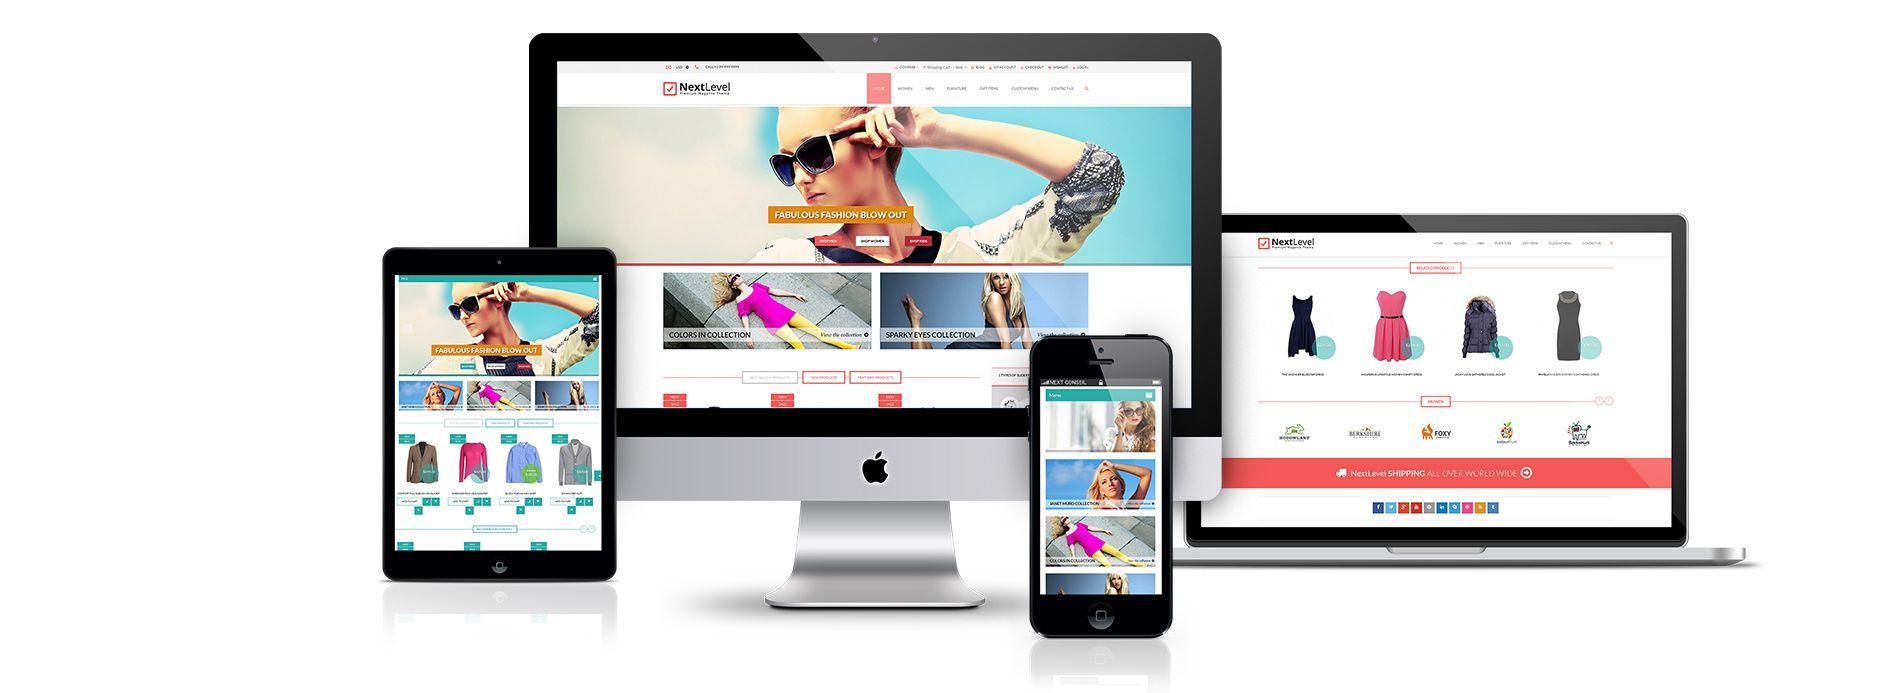 Prix site e-commerce - boutique en ligne à Sophia-Antipolis - Antibes, Cannes, Nice, Sophia-Antipolis